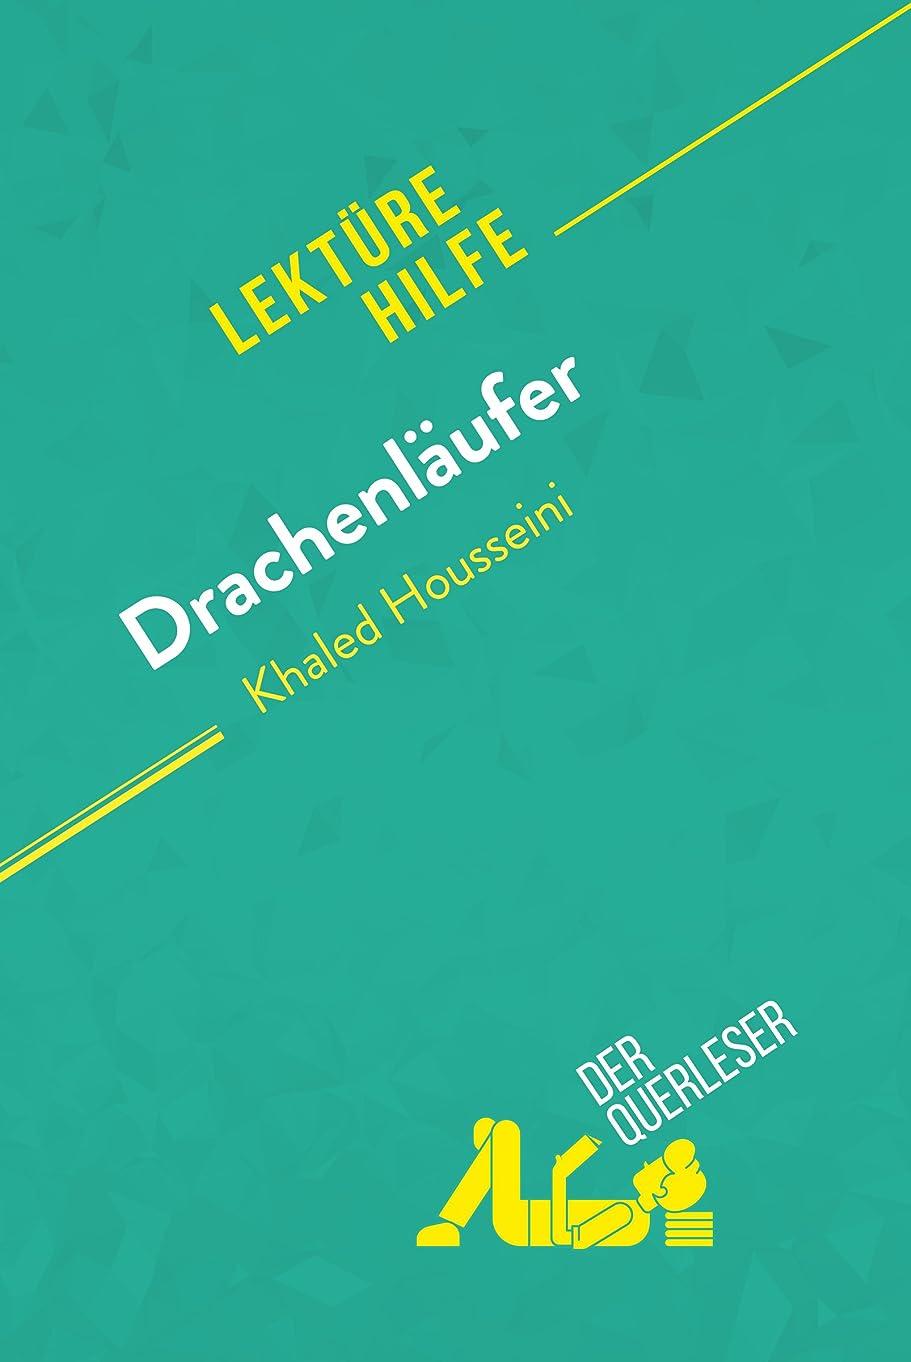 あいさつ試してみる解き明かすDrachenl?ufer von Kahled Housseini (Lektürehilfe): Detaillierte Zusammenfassung, Personenanalyse und Interpretation (German Edition)